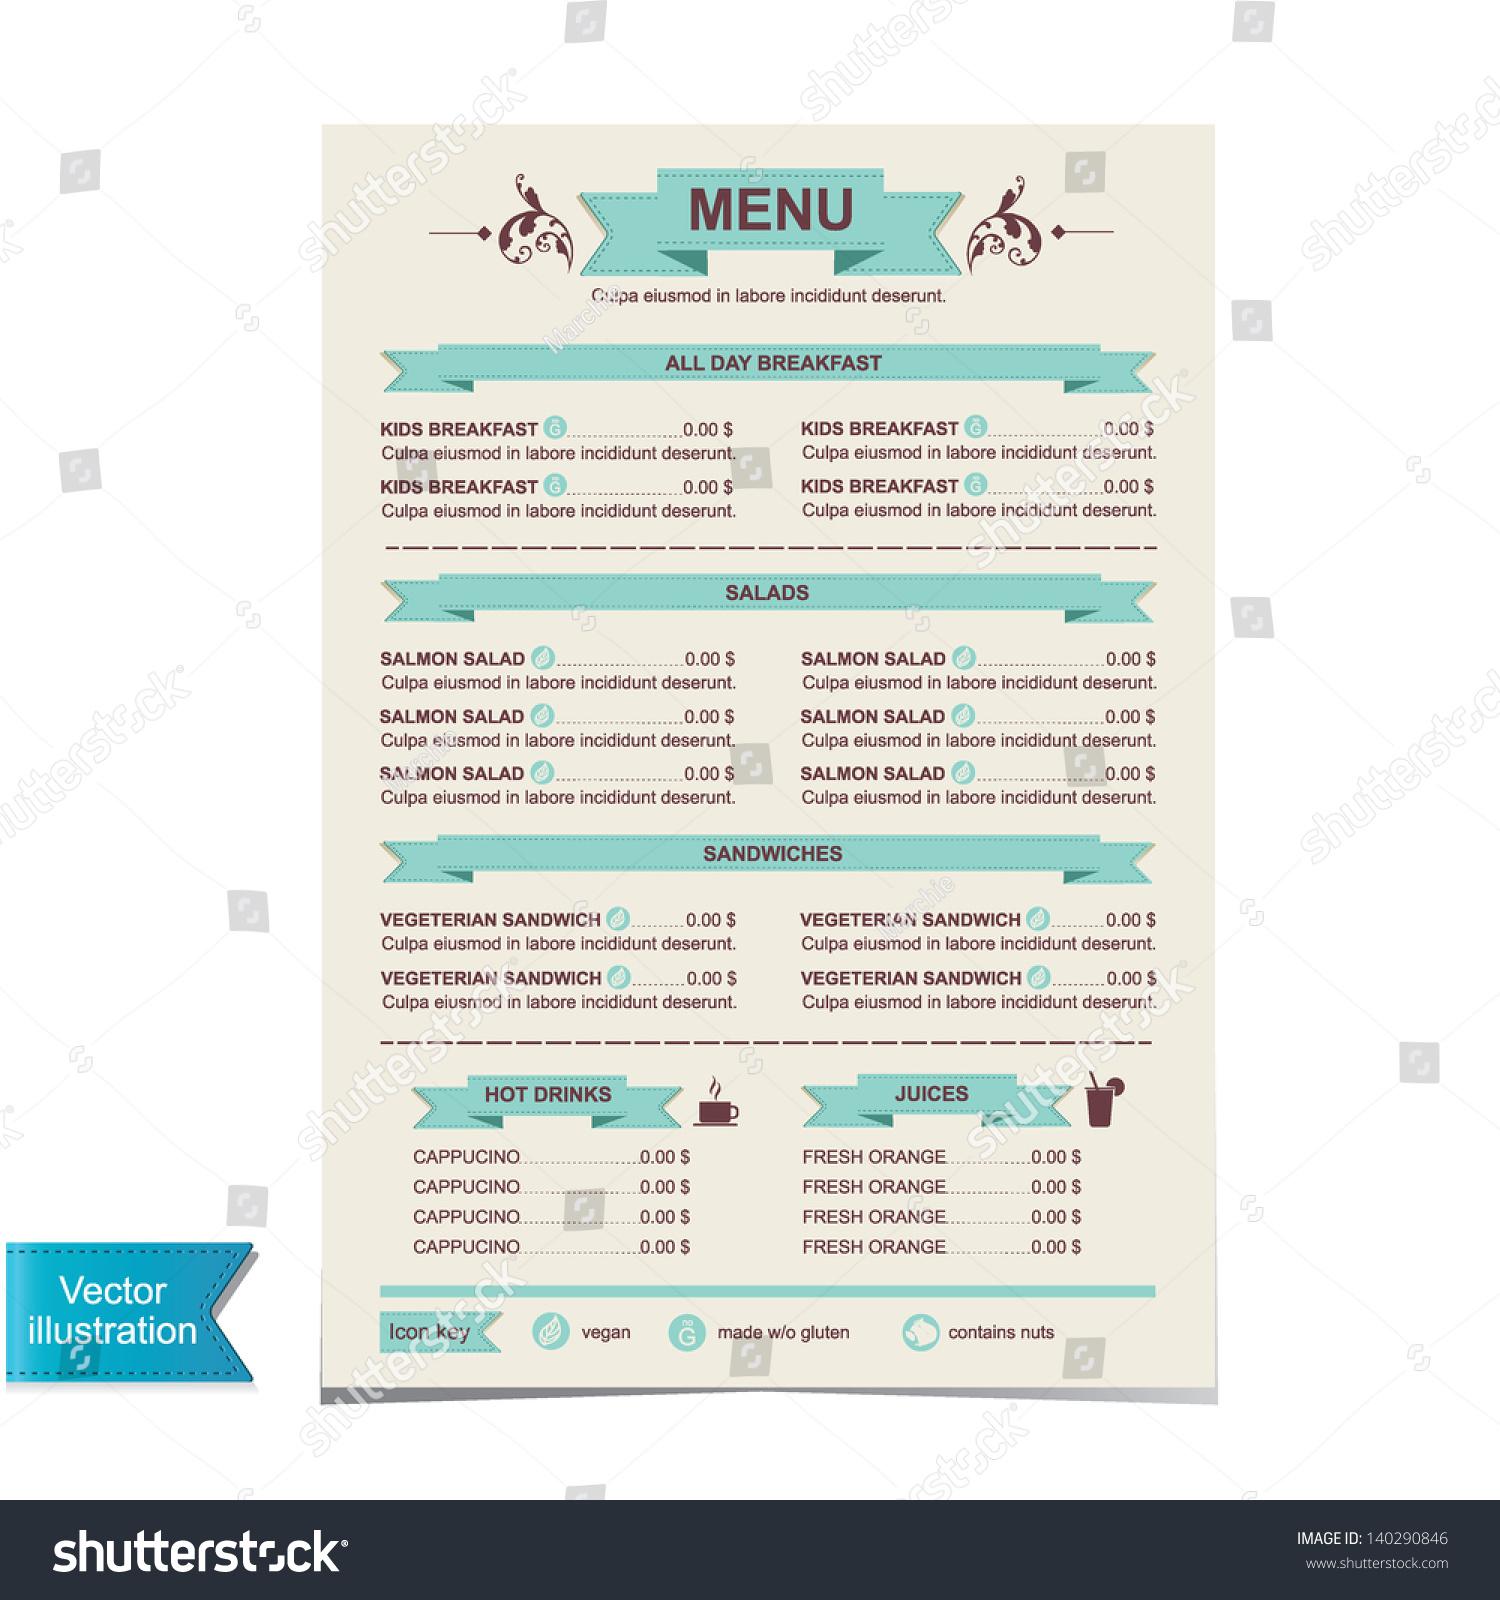 Sample Cafe Menu Template Stock Vector Cafe Menu Template Design Vector  Illustration 140290846 Sample Cafe Menu